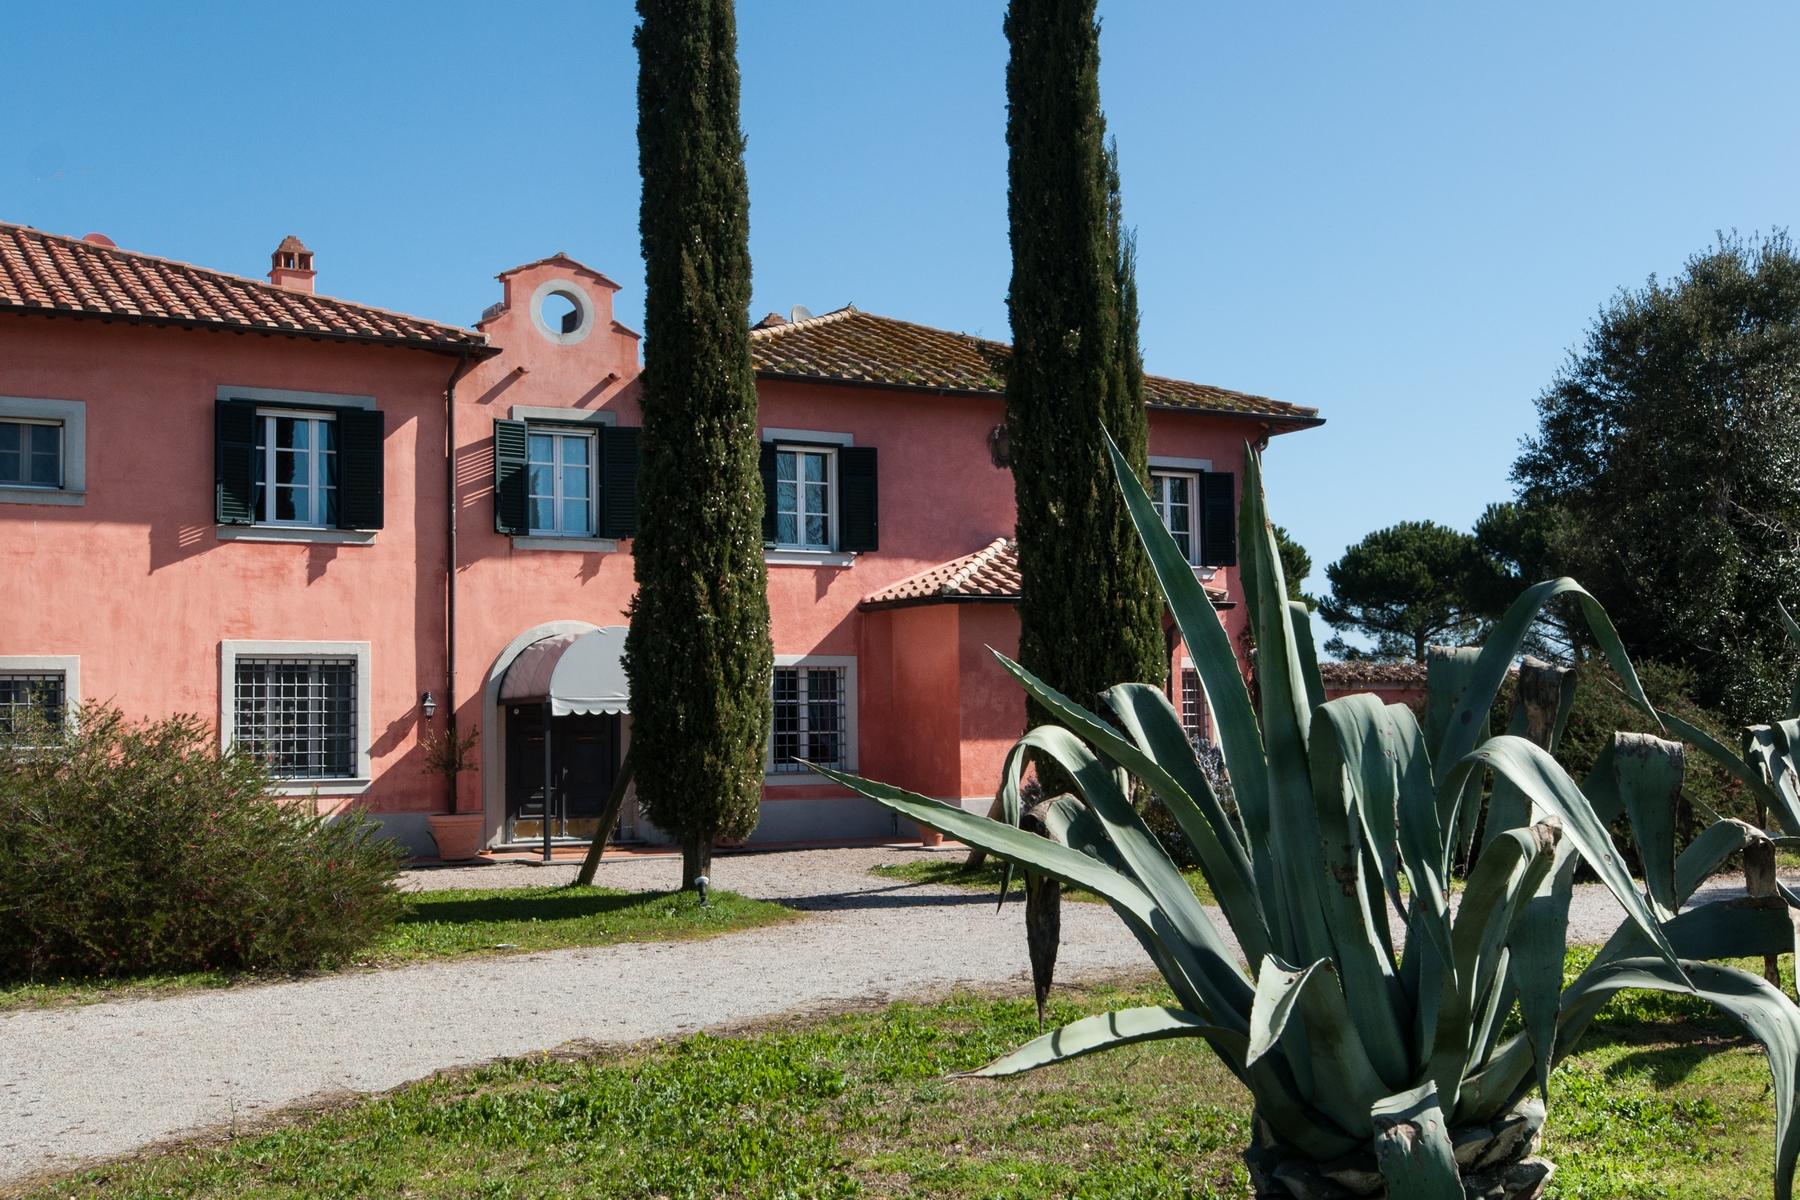 Villa in Vendita a Orbetello: 5 locali, 792 mq - Foto 4